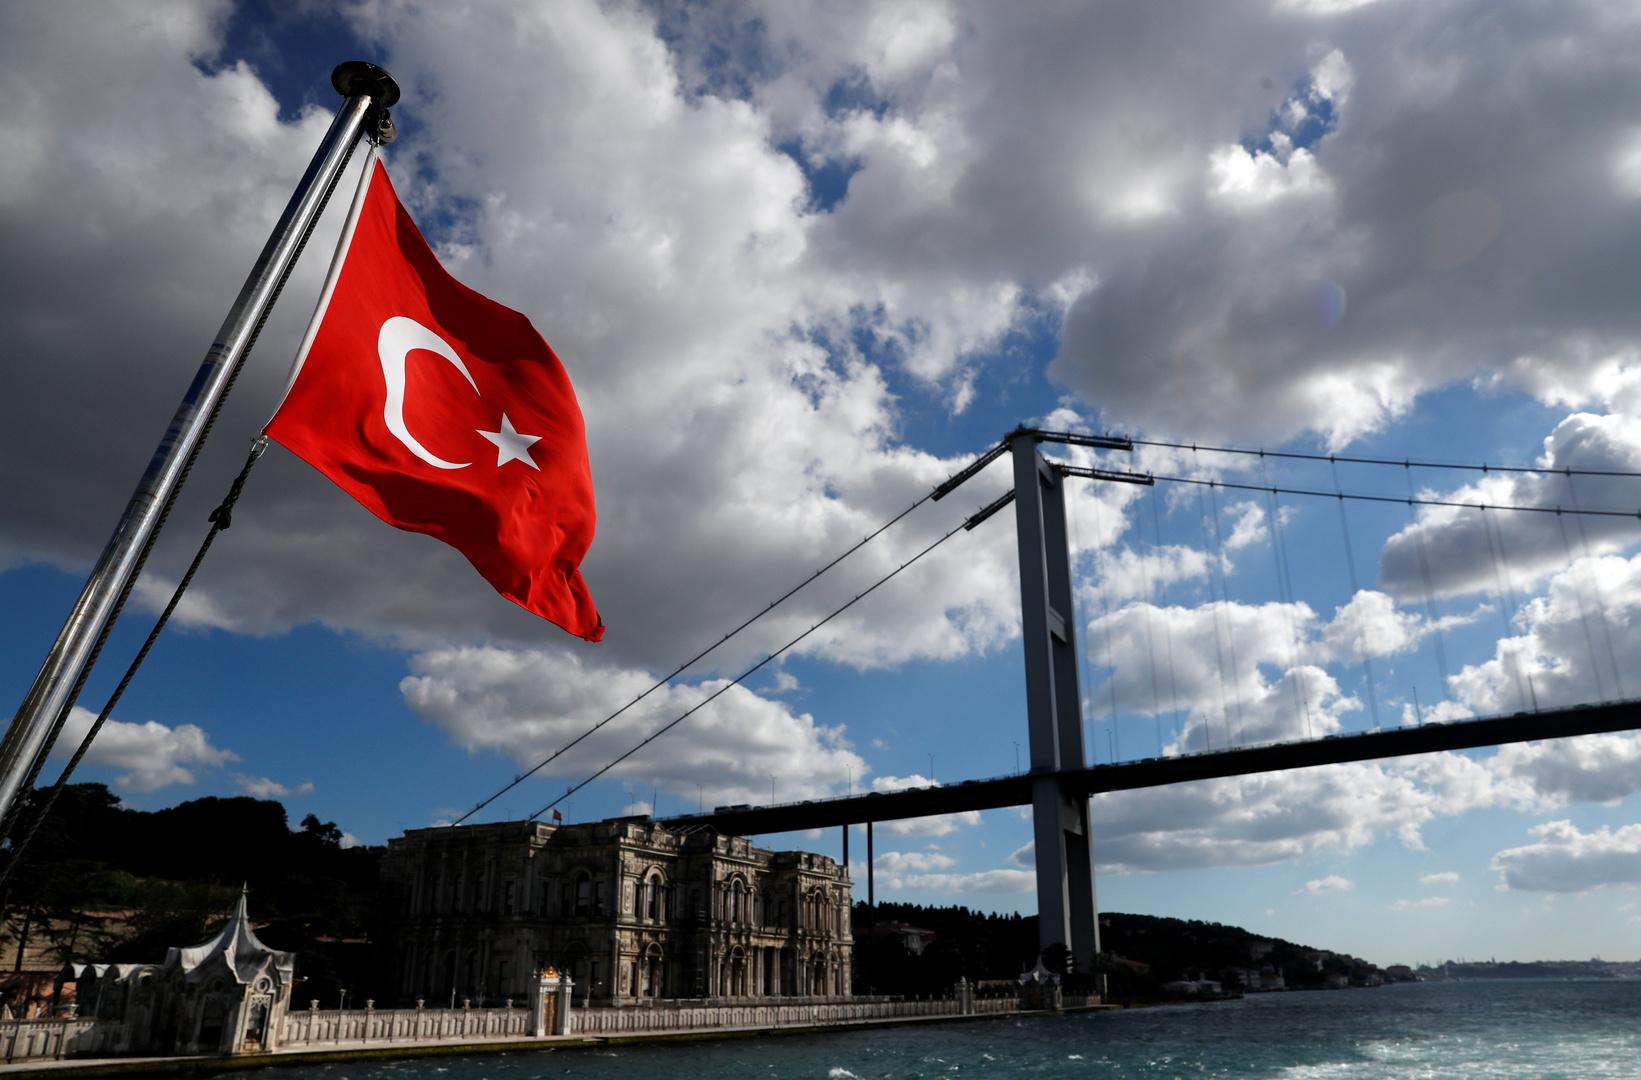 تركيا تتسلم قيادة وحدة تابعة للناتو لمدة عام